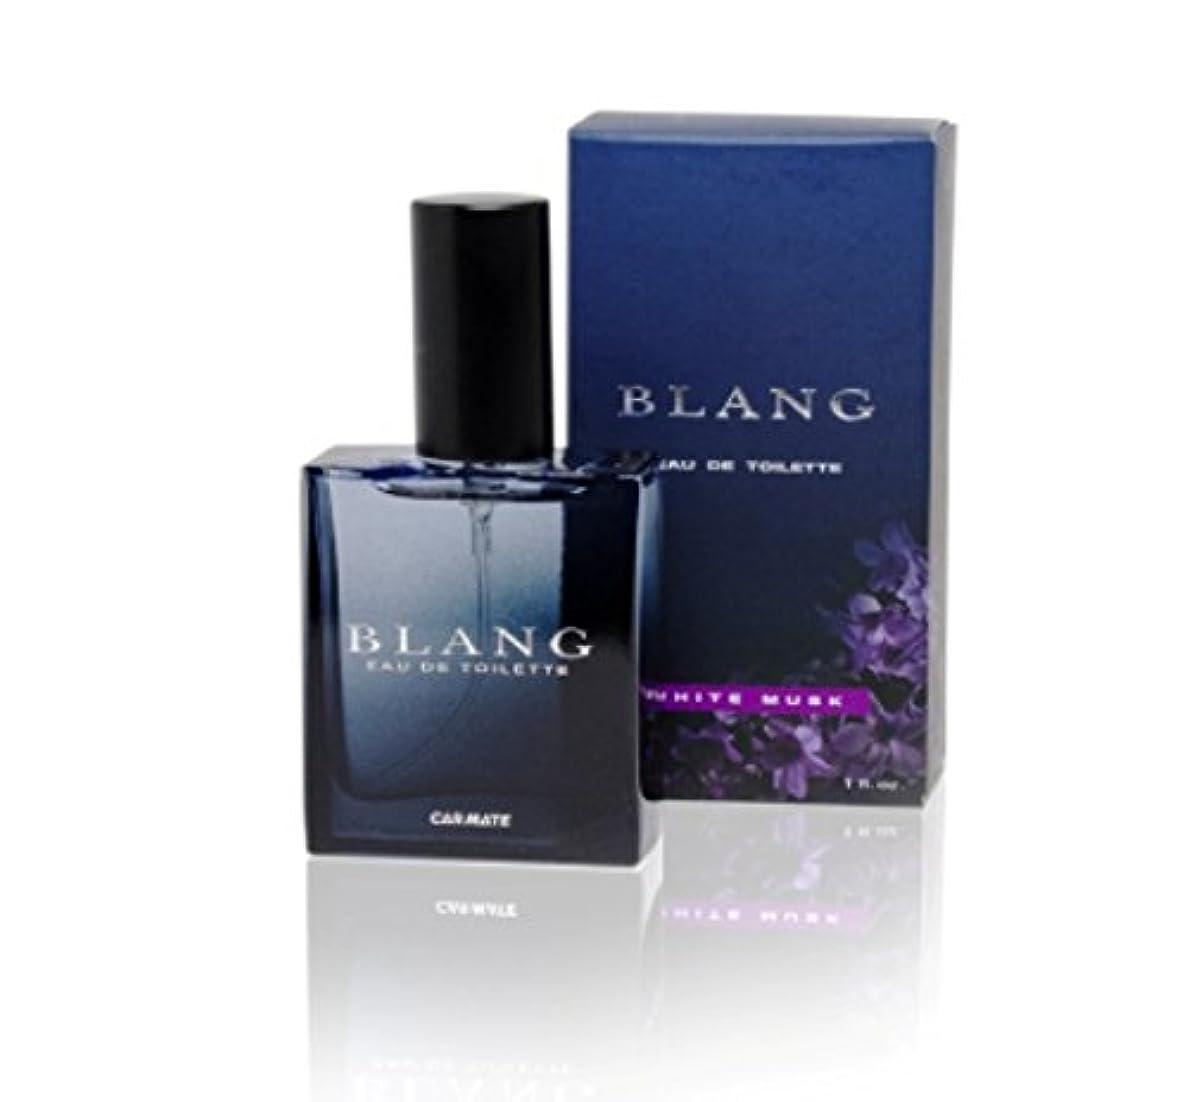 吸うショッピングセンター絶えずカーメイト 香水 芳香剤 ブラング オードトワレ 置き型 ホワイトムスク 販売ルート限定品 30ml L531